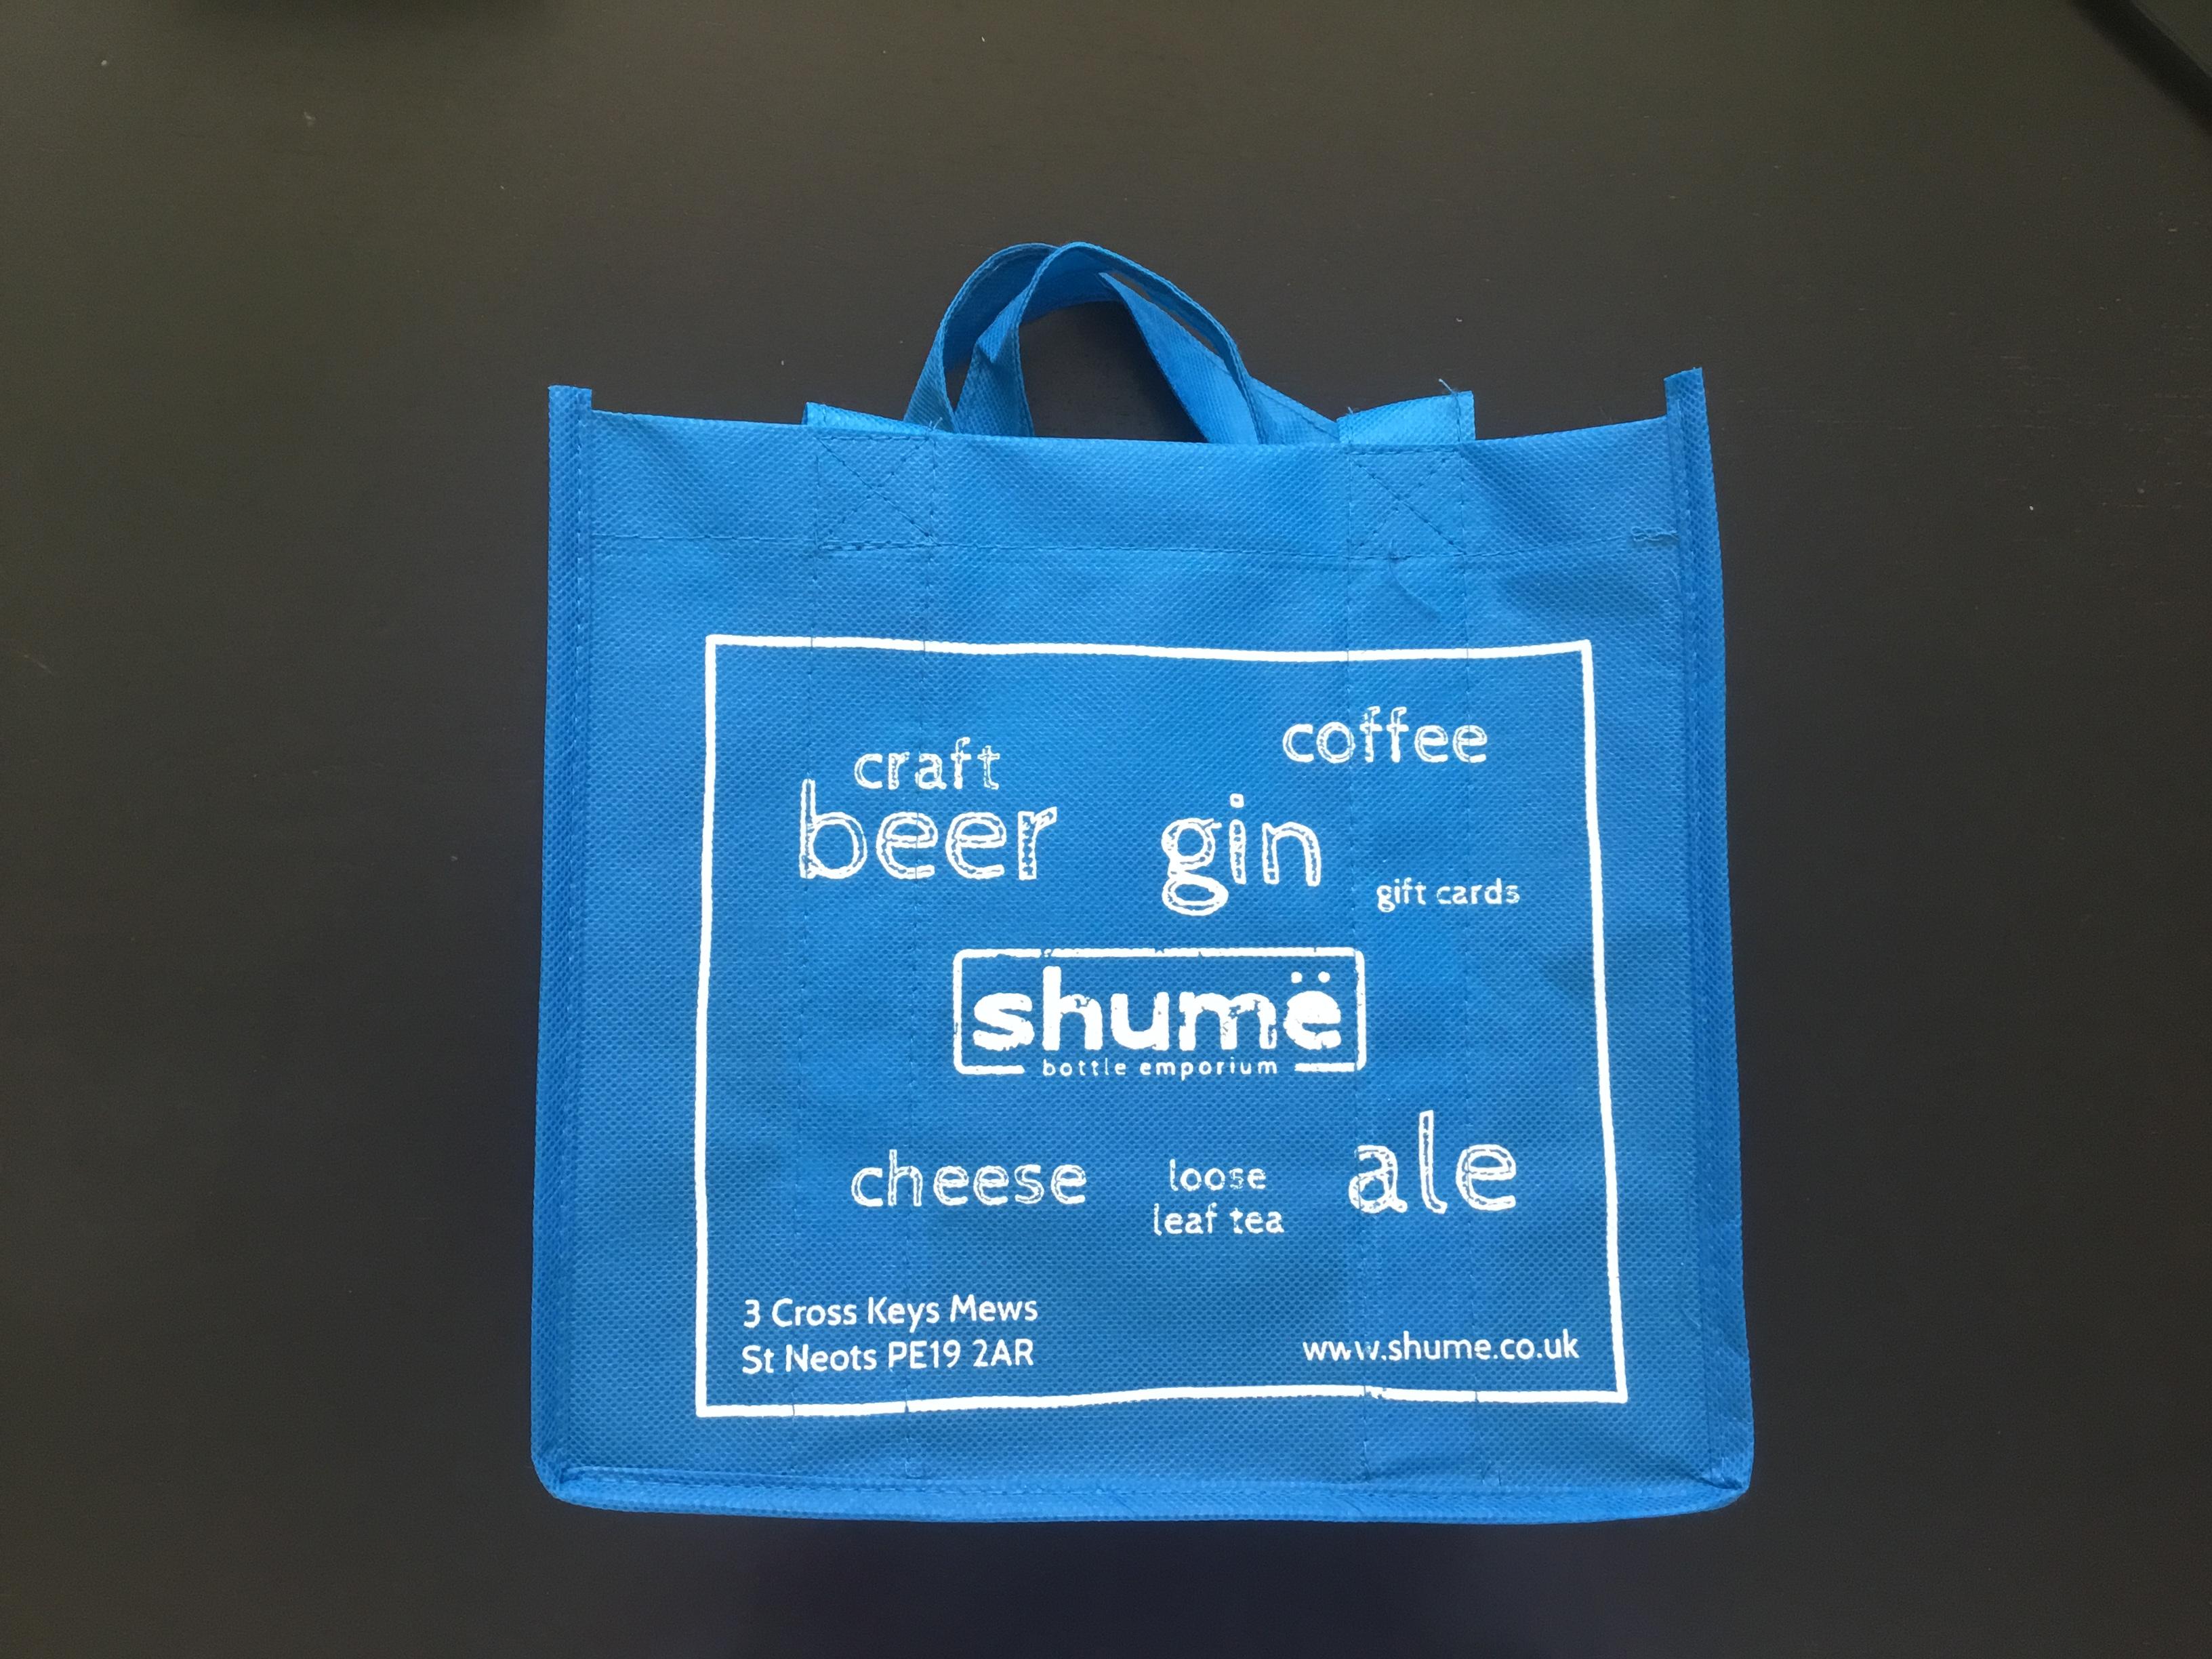 Blue Shumë Gift Bag